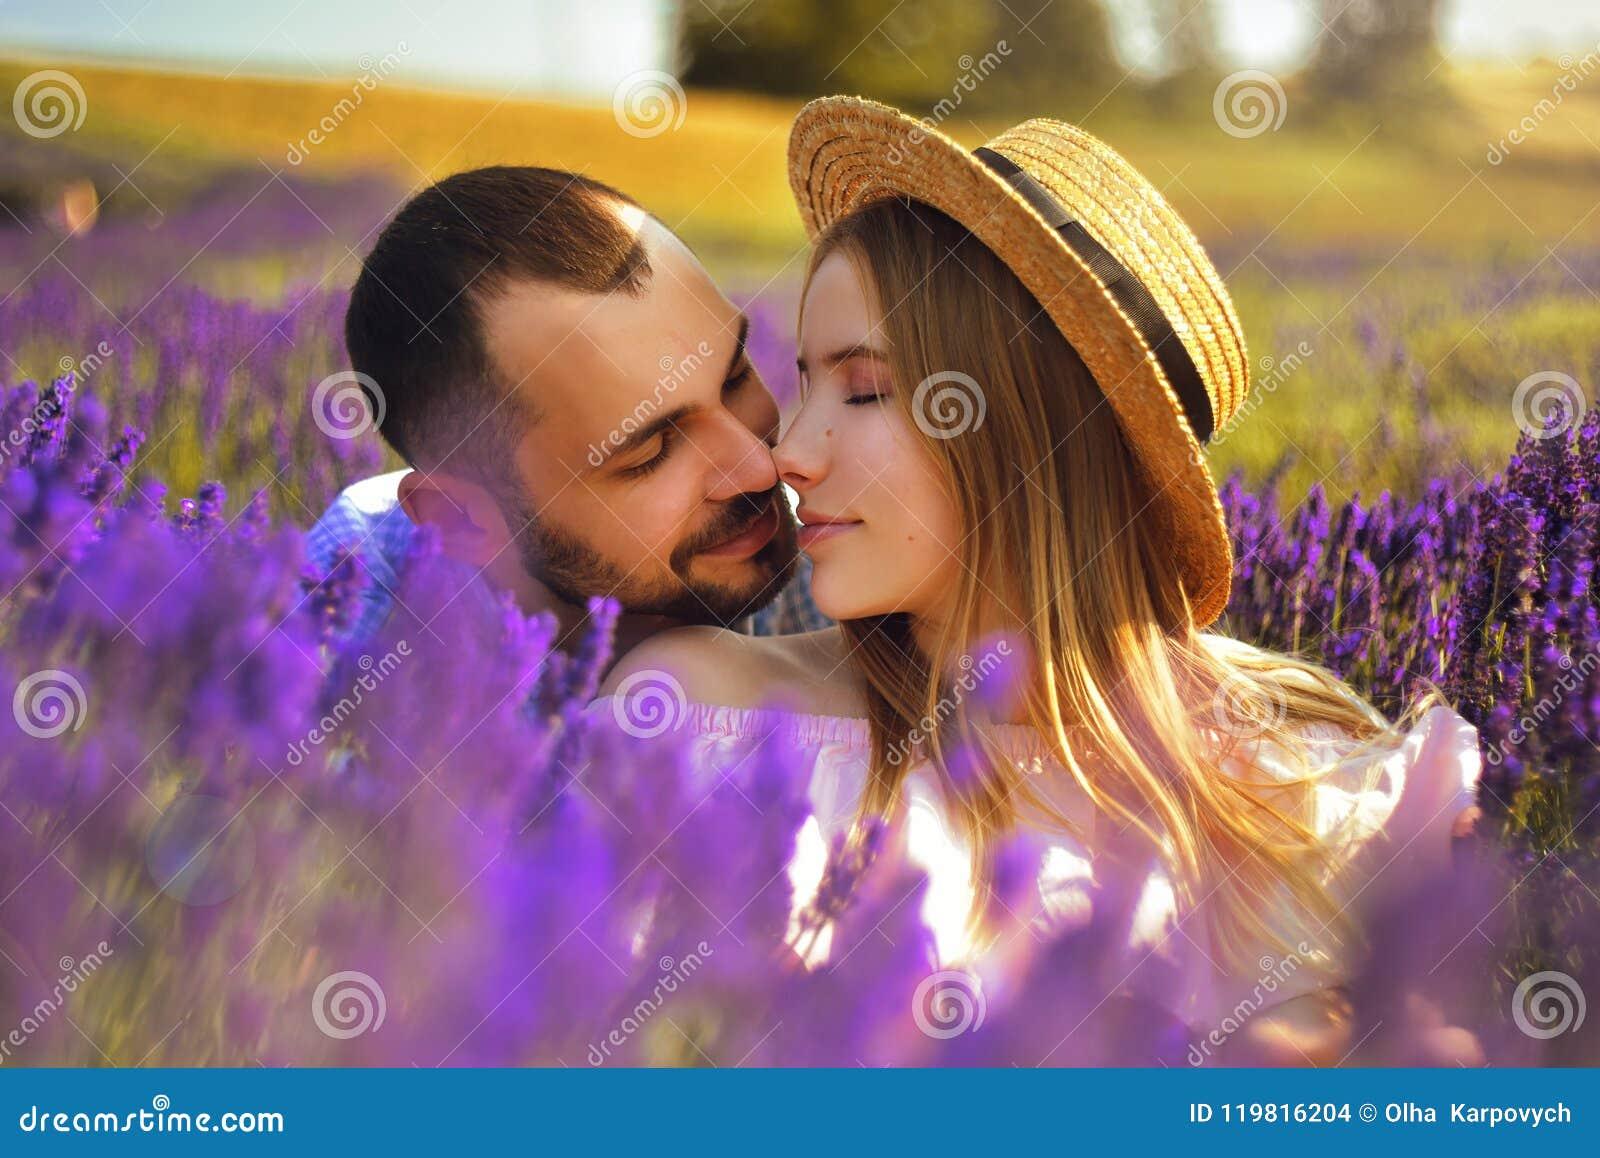 Милая молодая пара в влюбленности в поле лаванды цветет Насладитесь моментом счастья и влюбленности в поле лаванды Поцелуй